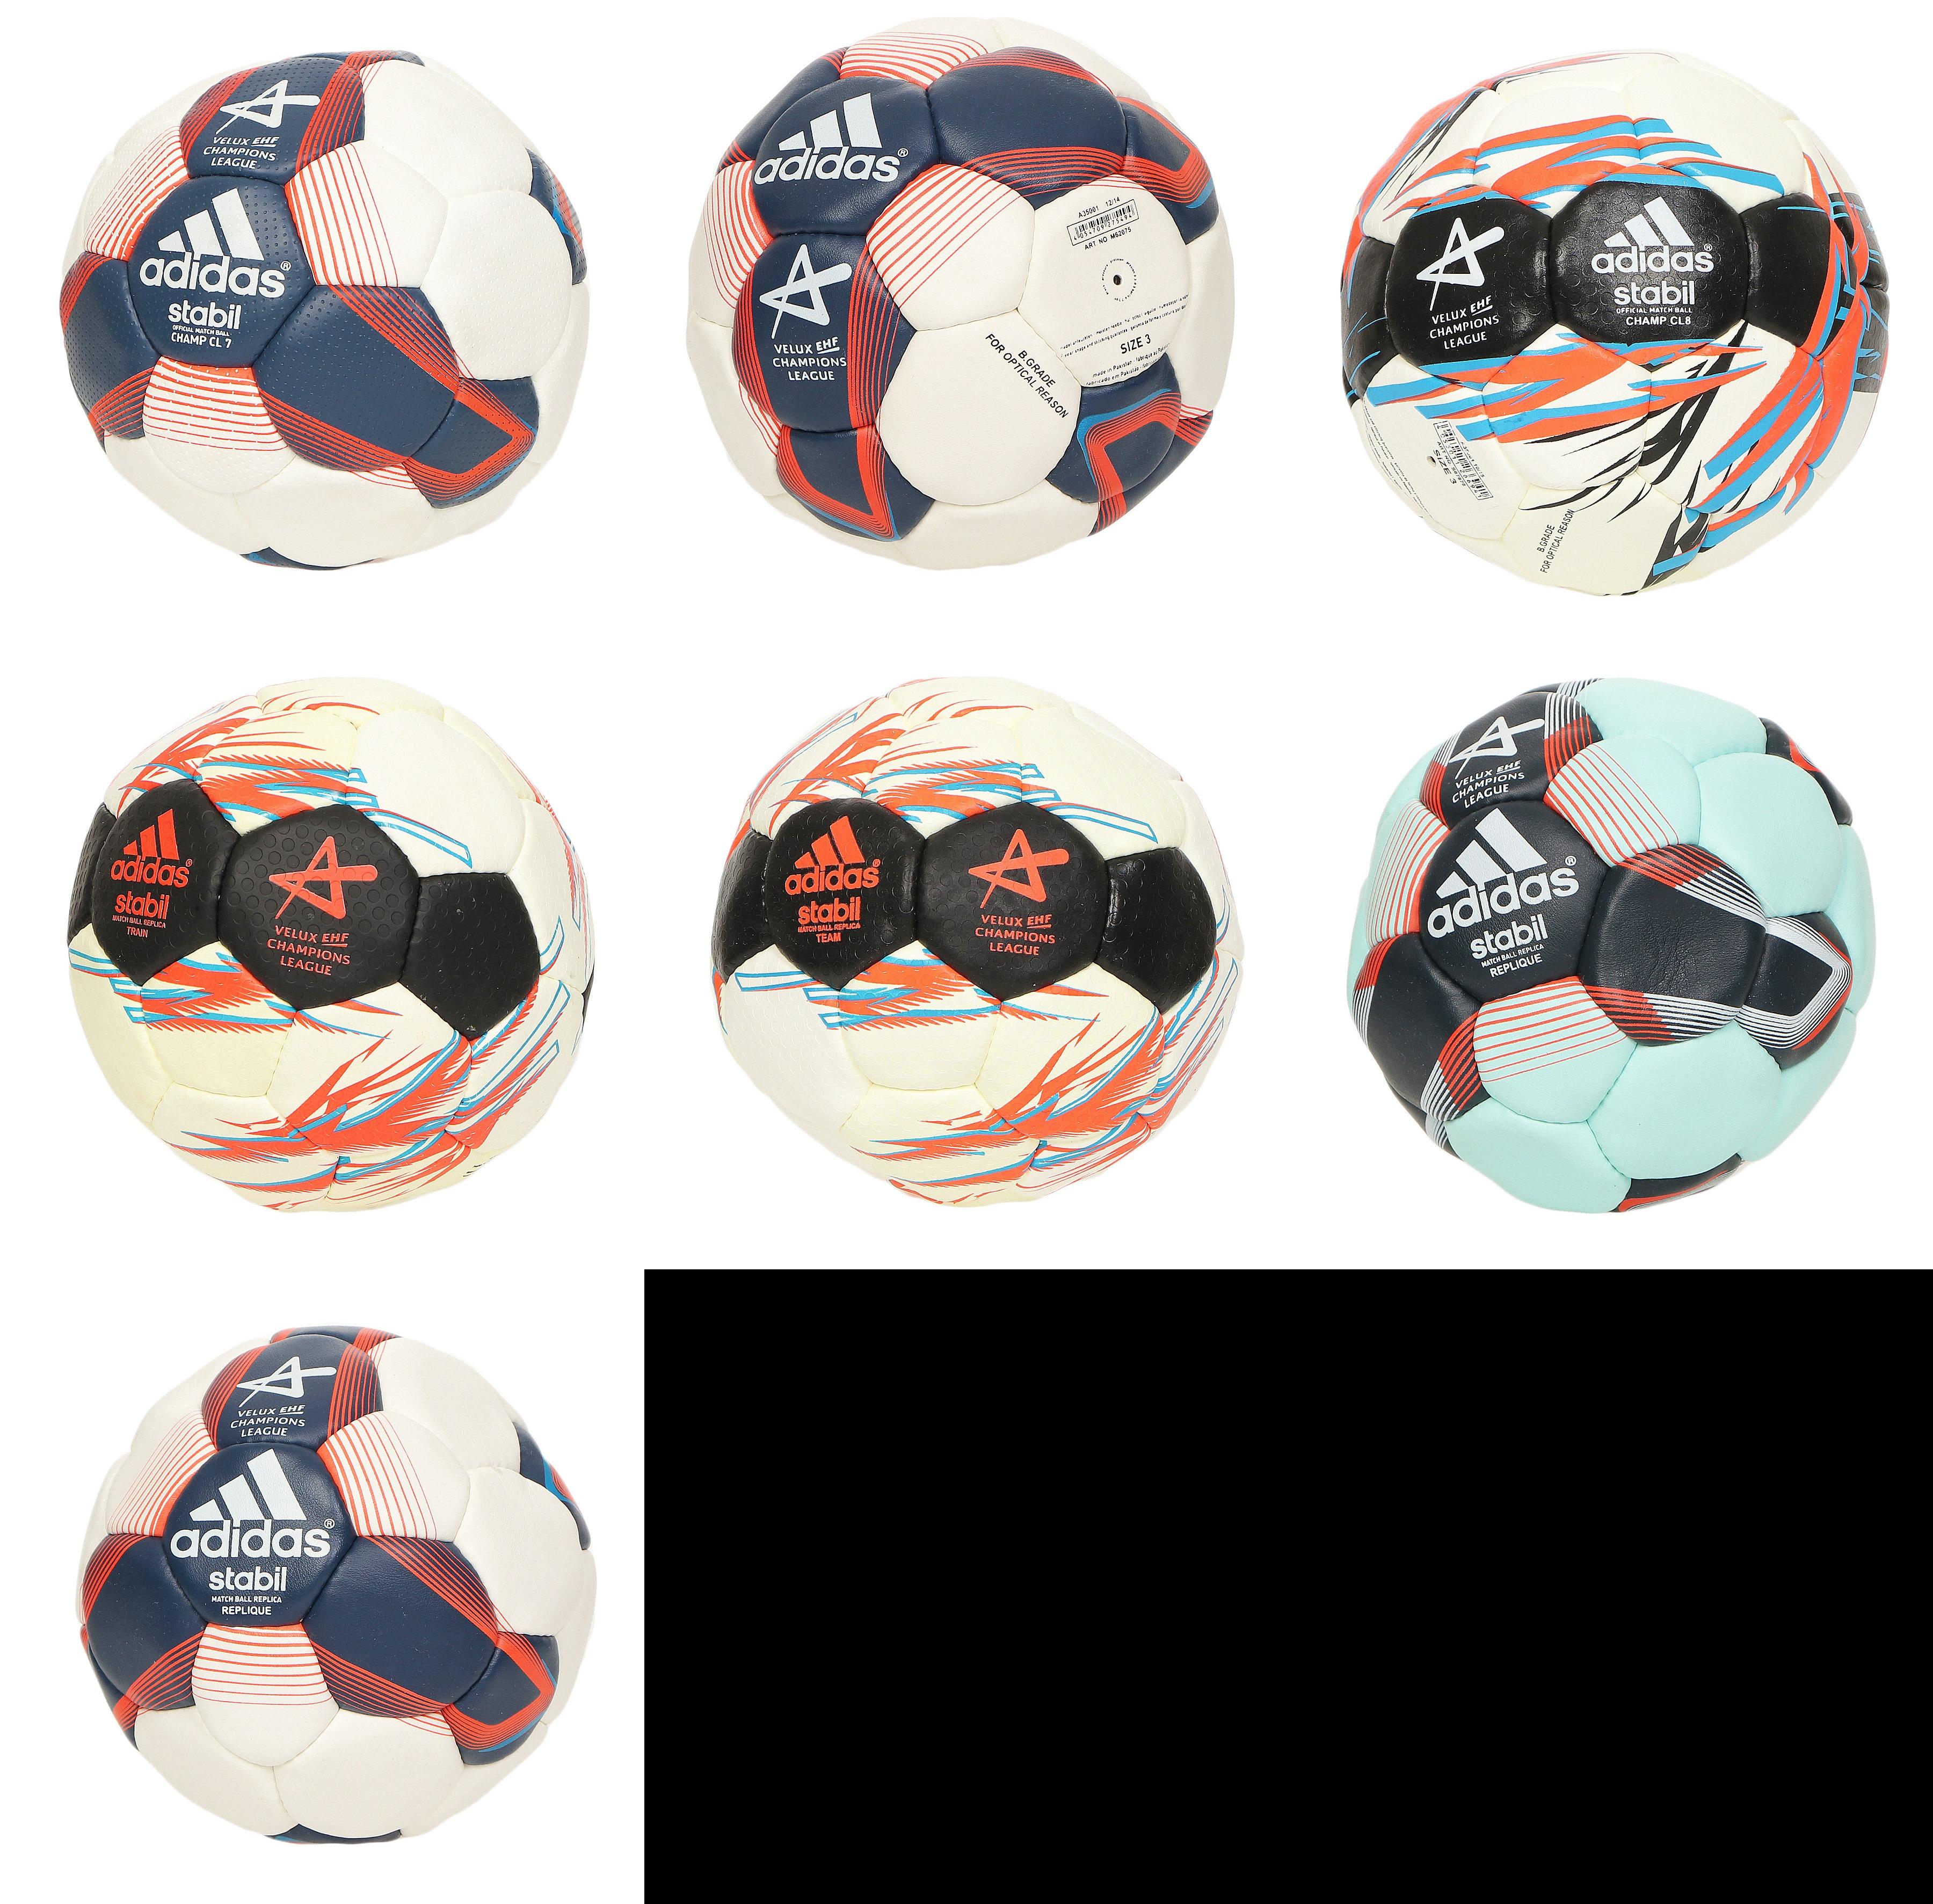 Details zu Adidas Stabil Handball Matchball Trainingsball Ball Bälle EHF Champions League